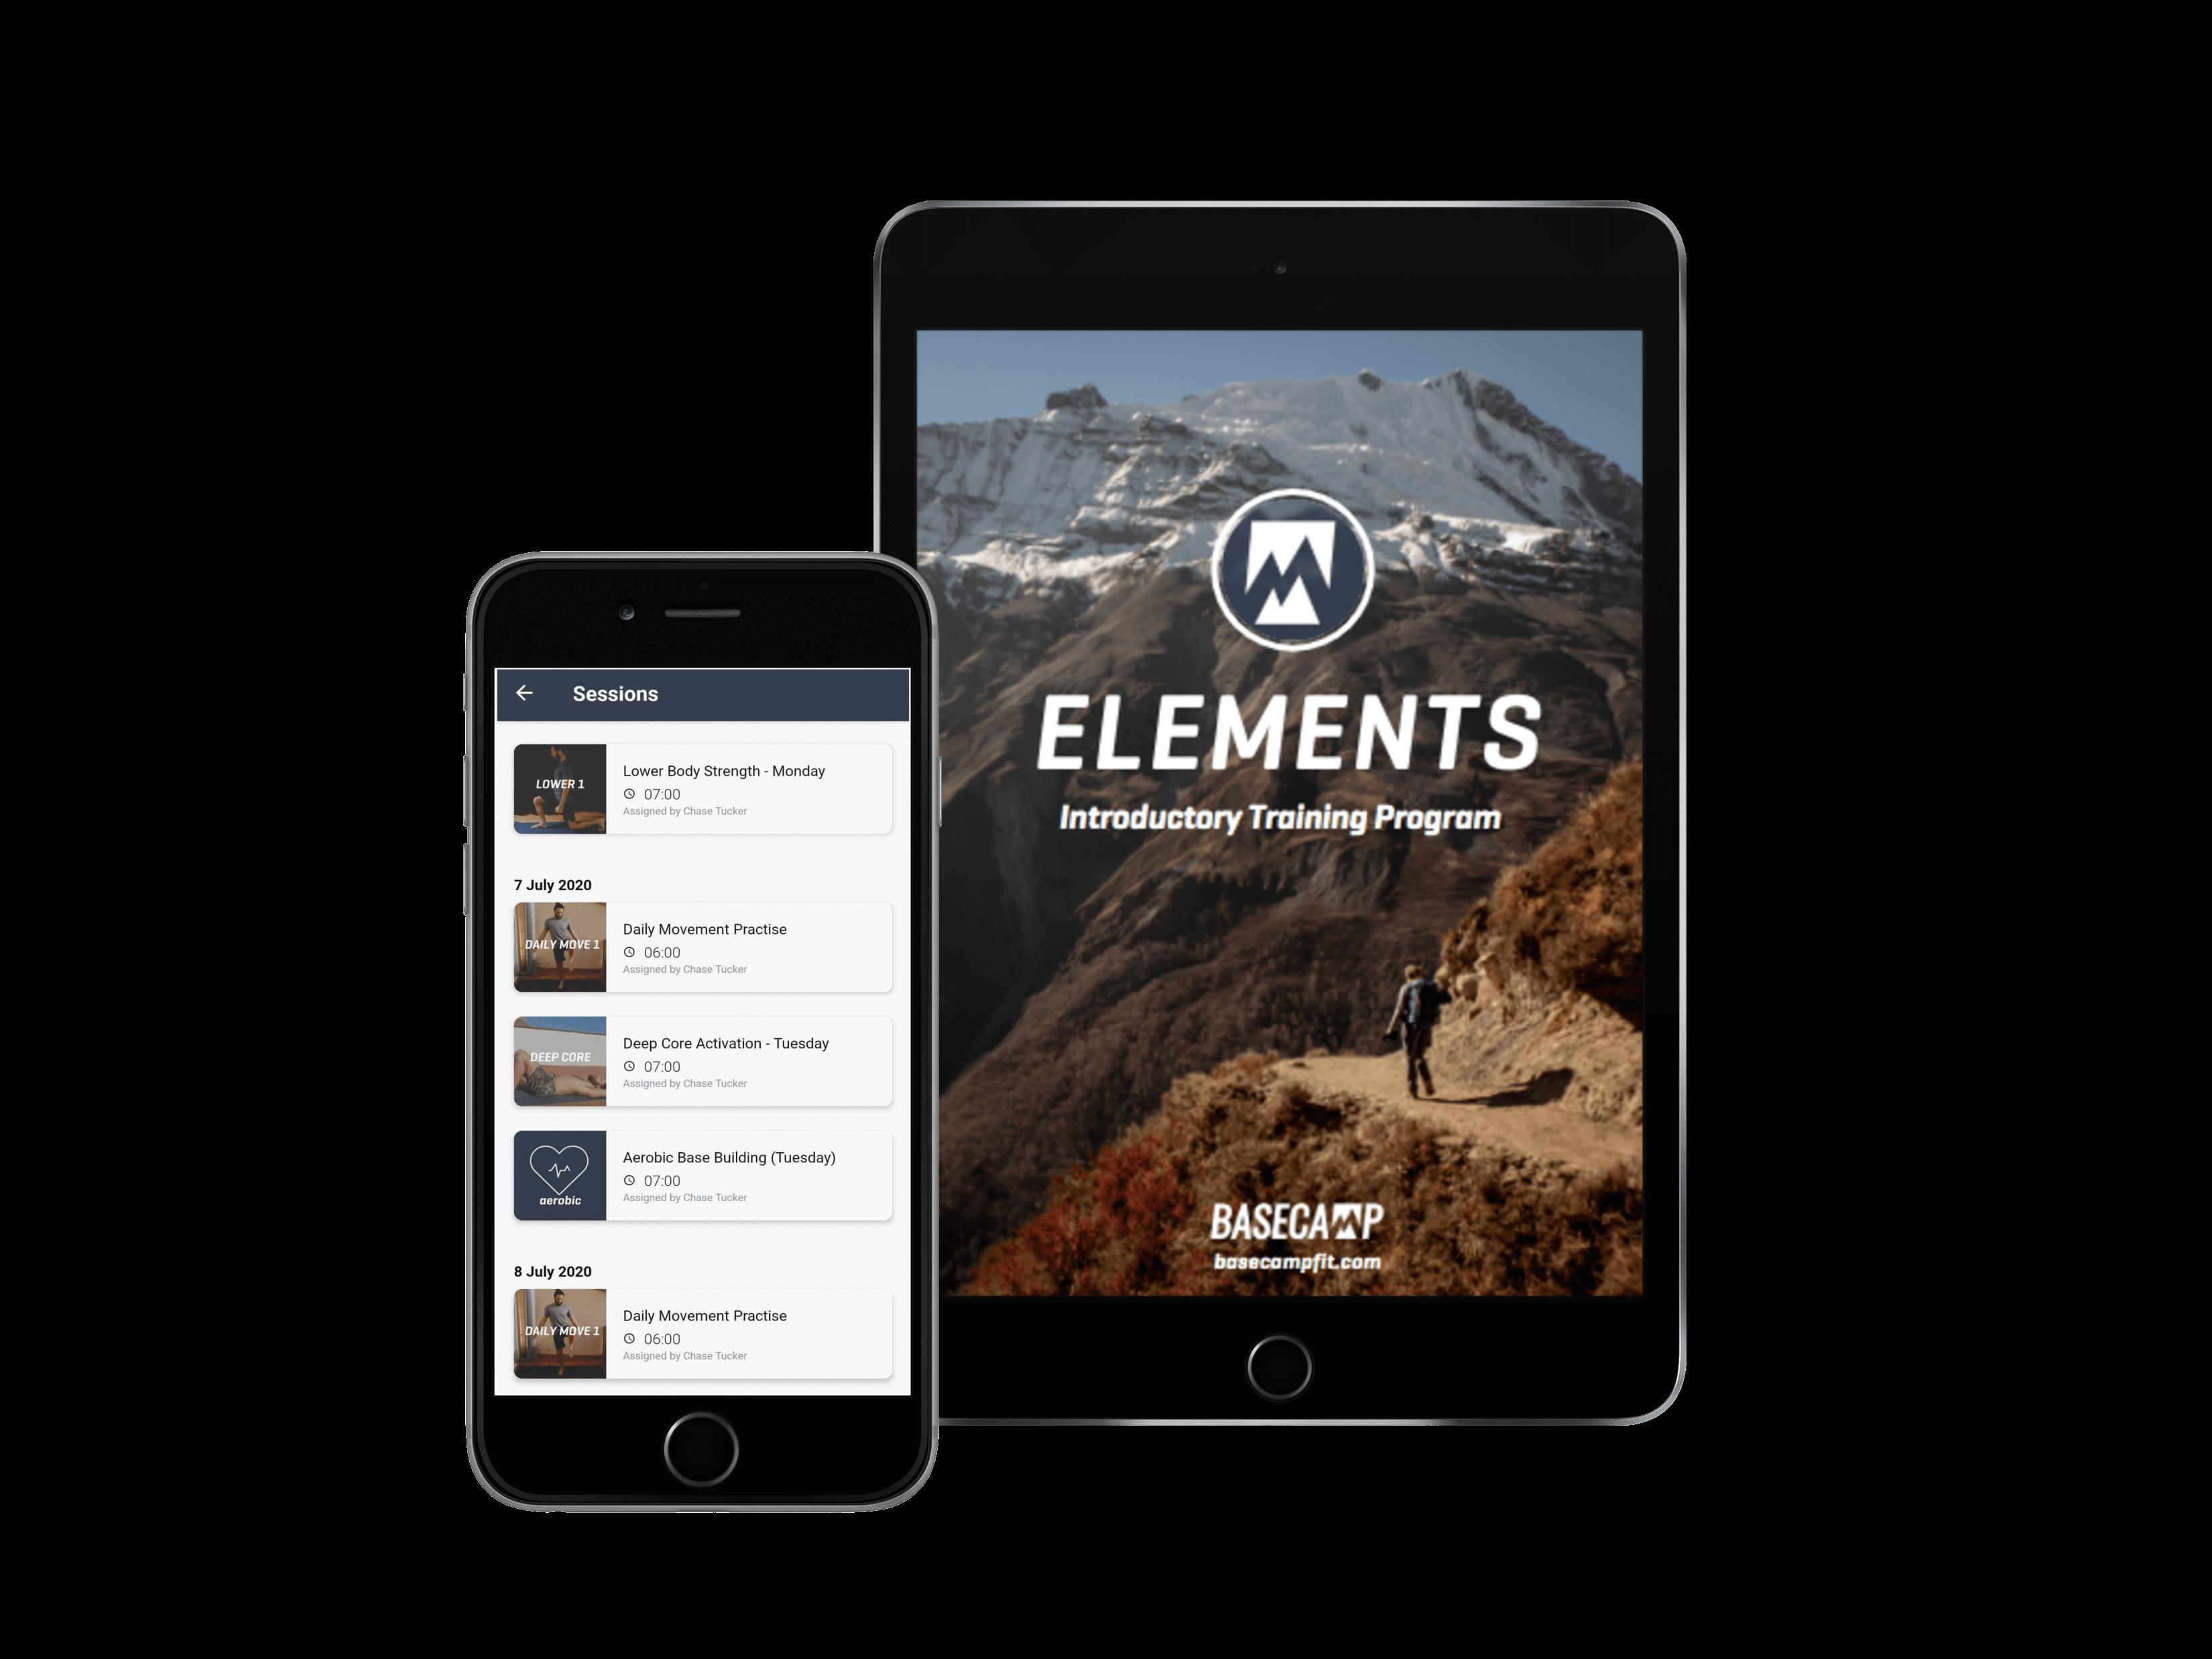 Elements program